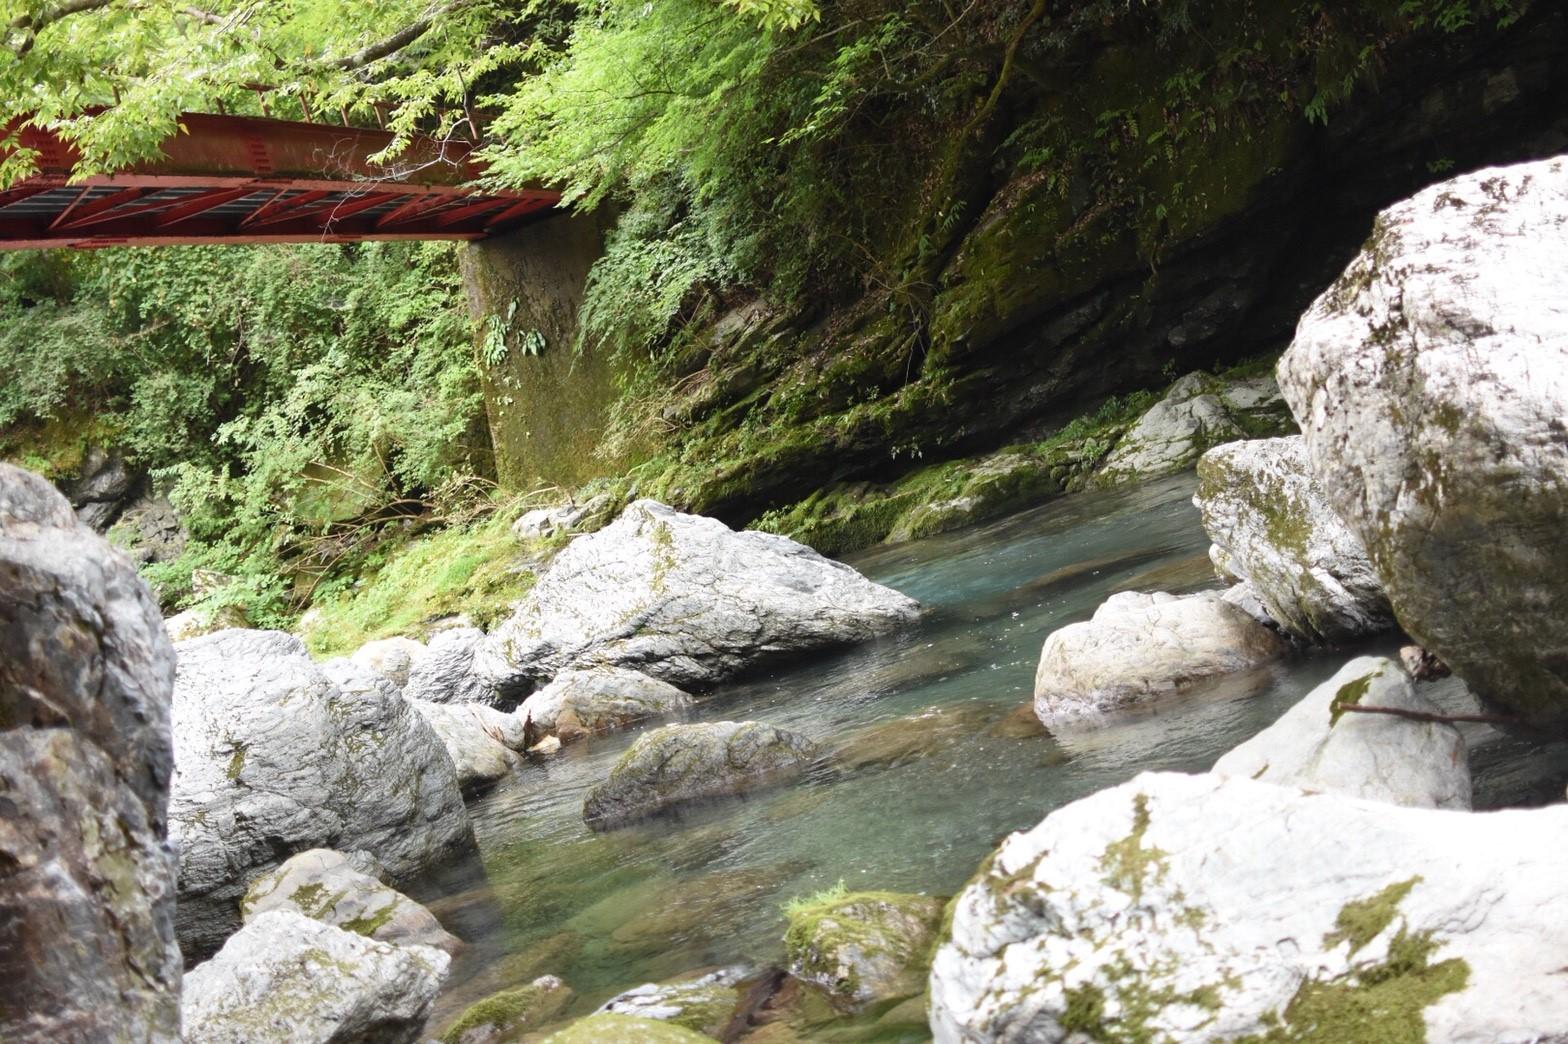 まさに秘境。千と千尋の神隠しのような穴場渓谷「岩屋川渓谷」